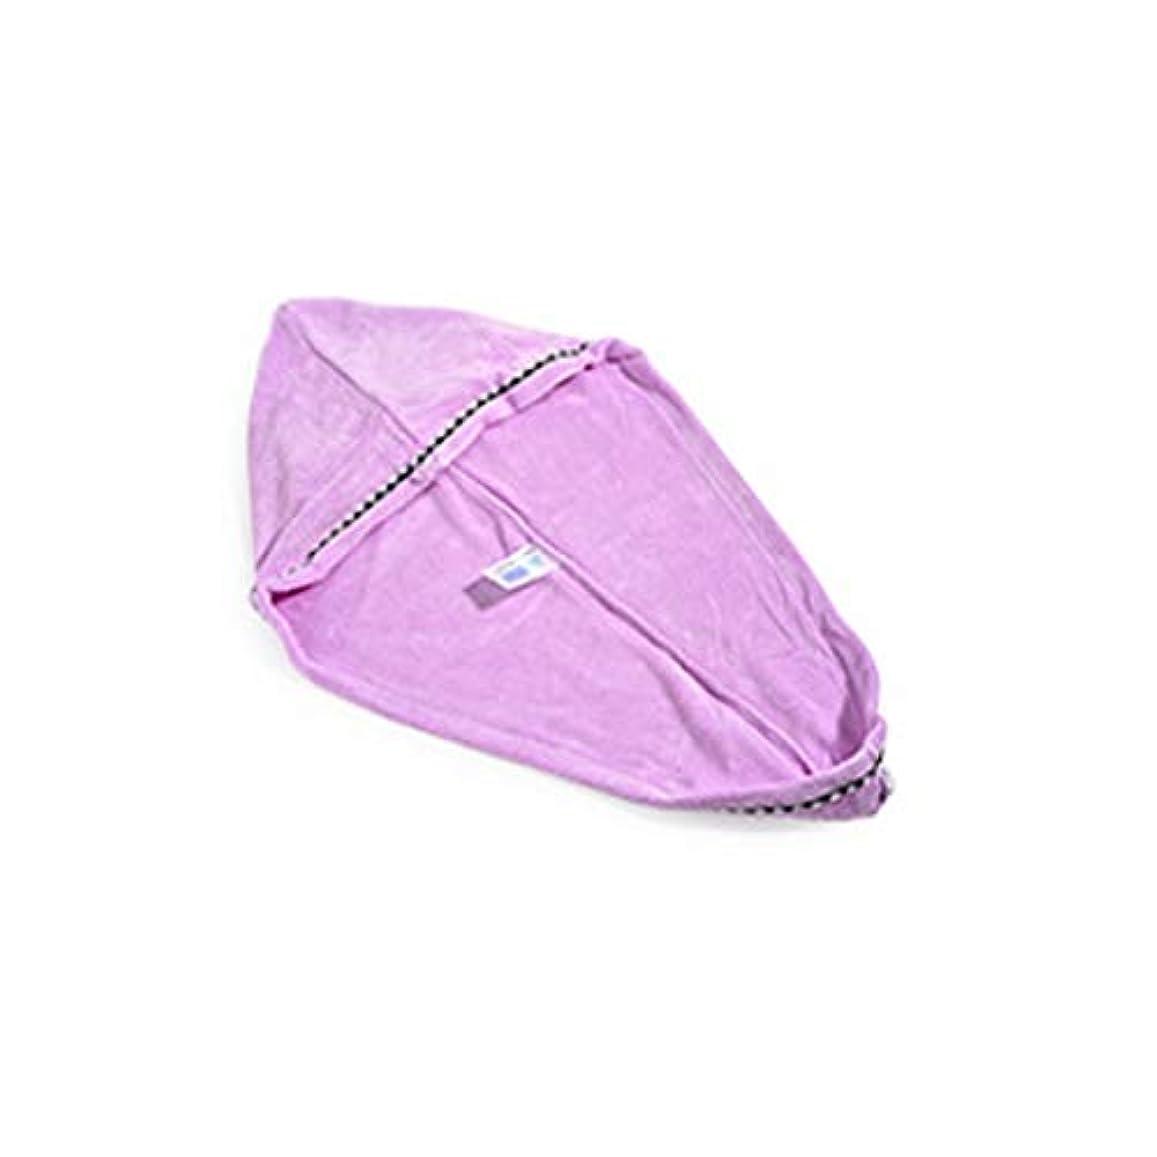 計画マッシュ選出するHUIJUNWENTI シャワーキャップ、乾いた髪の帽子、女性用吸収性タオル、乾いたタオル、髪速乾性のある帽子、包頭女性、長い髪のシャワーキャップ、紫、ローズレッド、ピンク (Color : Purple)